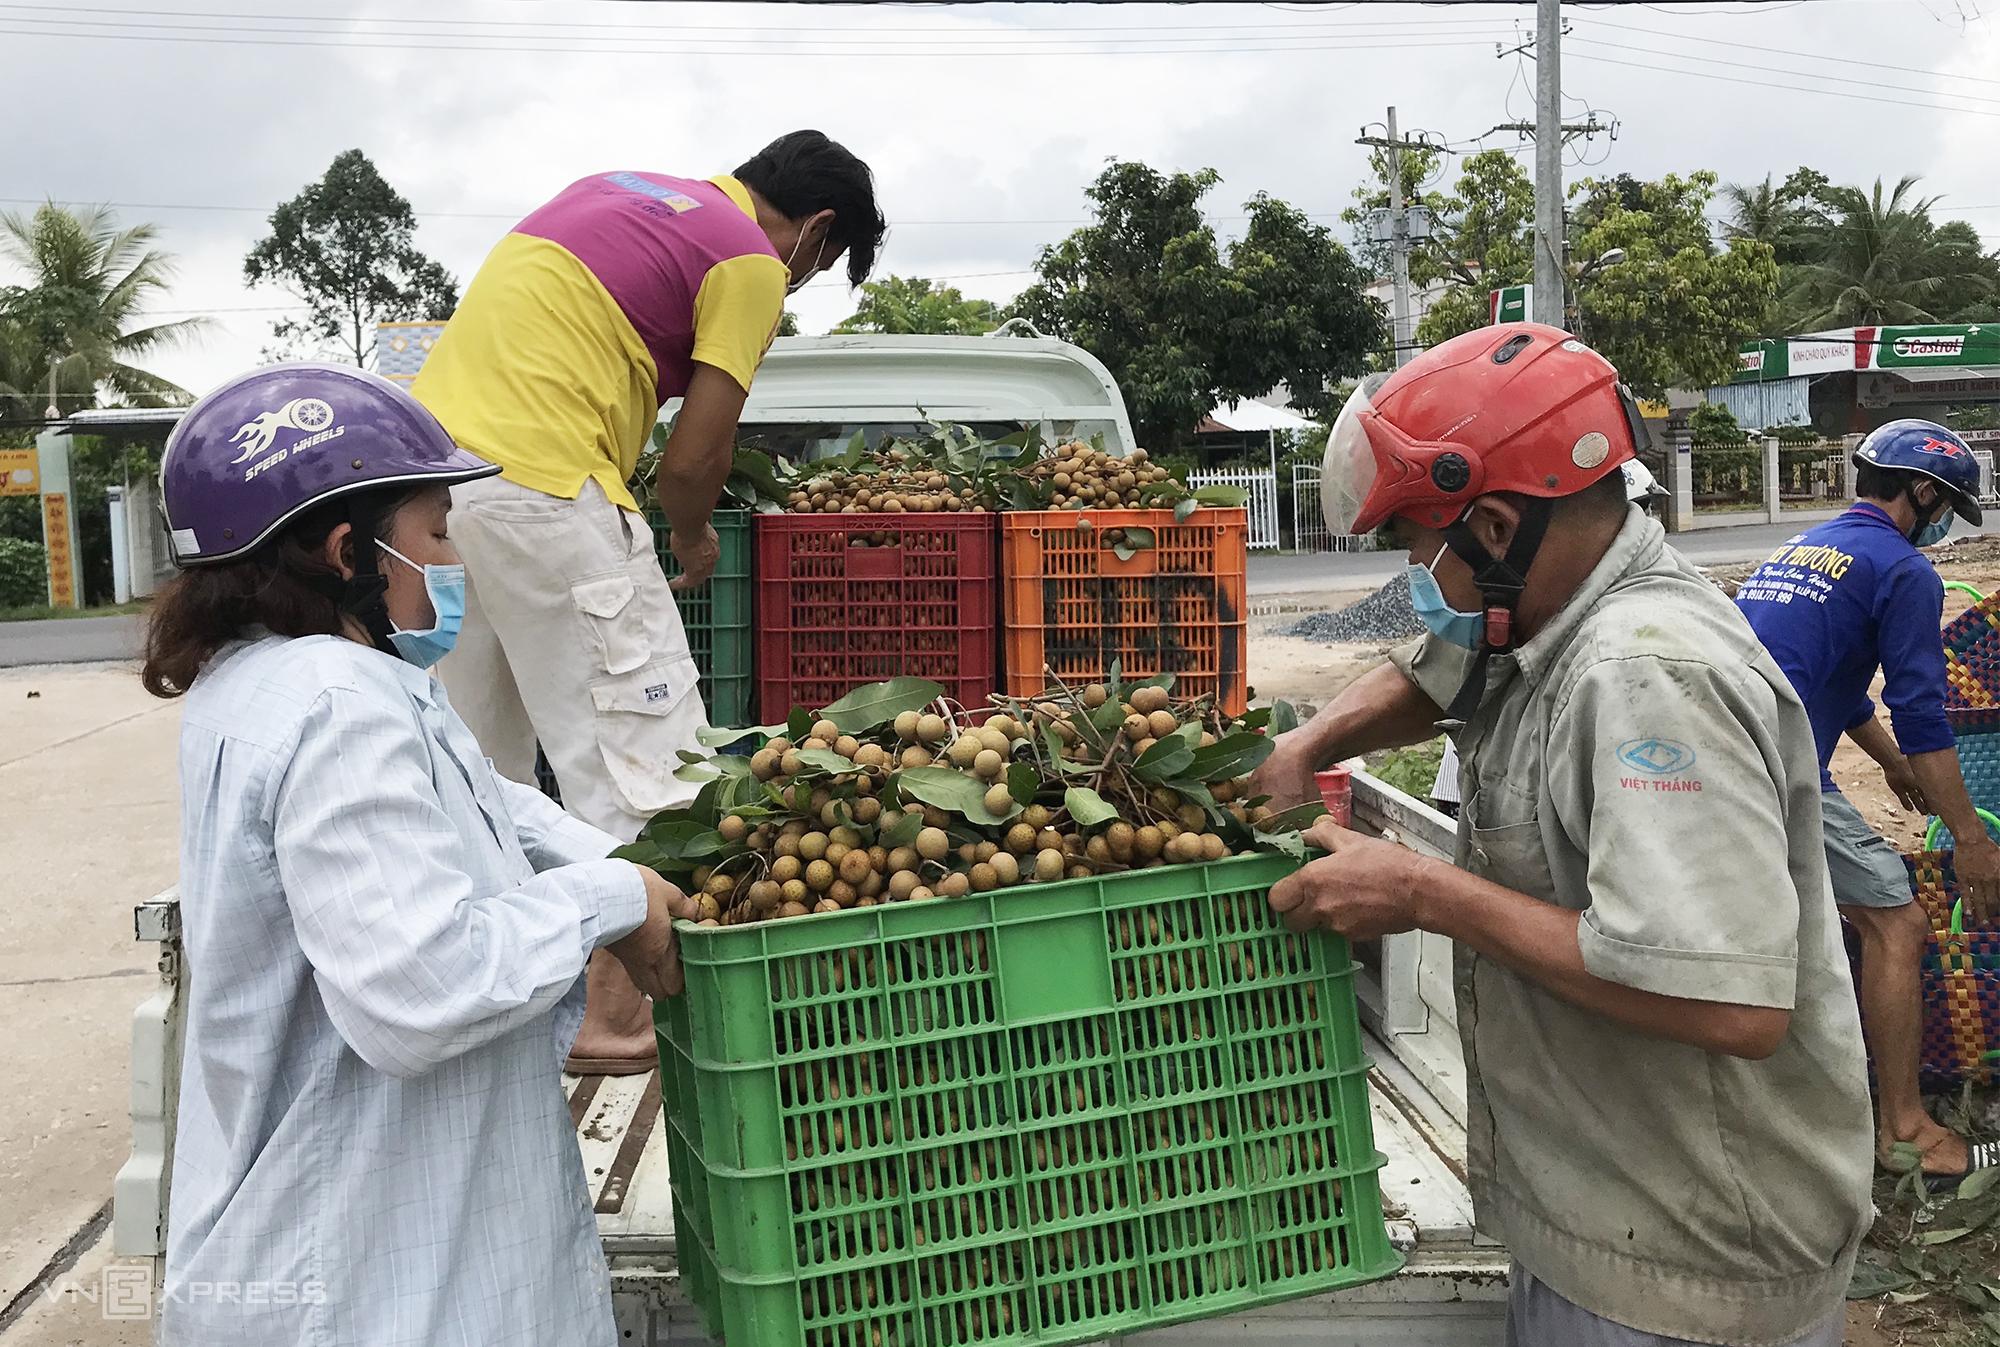 Những nhà vườn trồng nhãn may mắn tìm được đầu ra trong thời điểm này nhưng giá cũng rất thấp 8.000 đồng một kg. Ảnh: Ngọc Tài